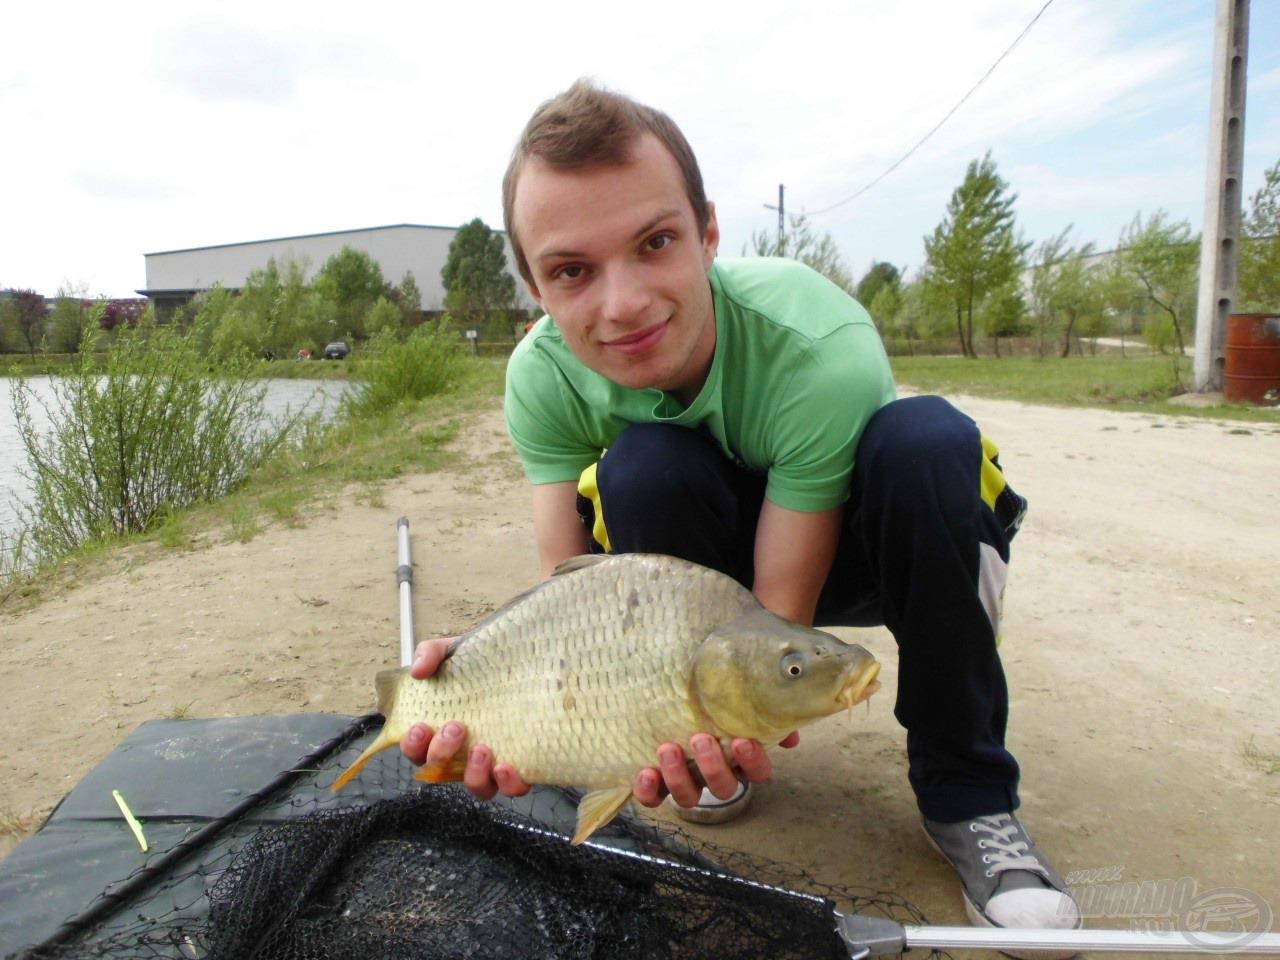 Meg is hozta az halat a klasszikus csalikombináció